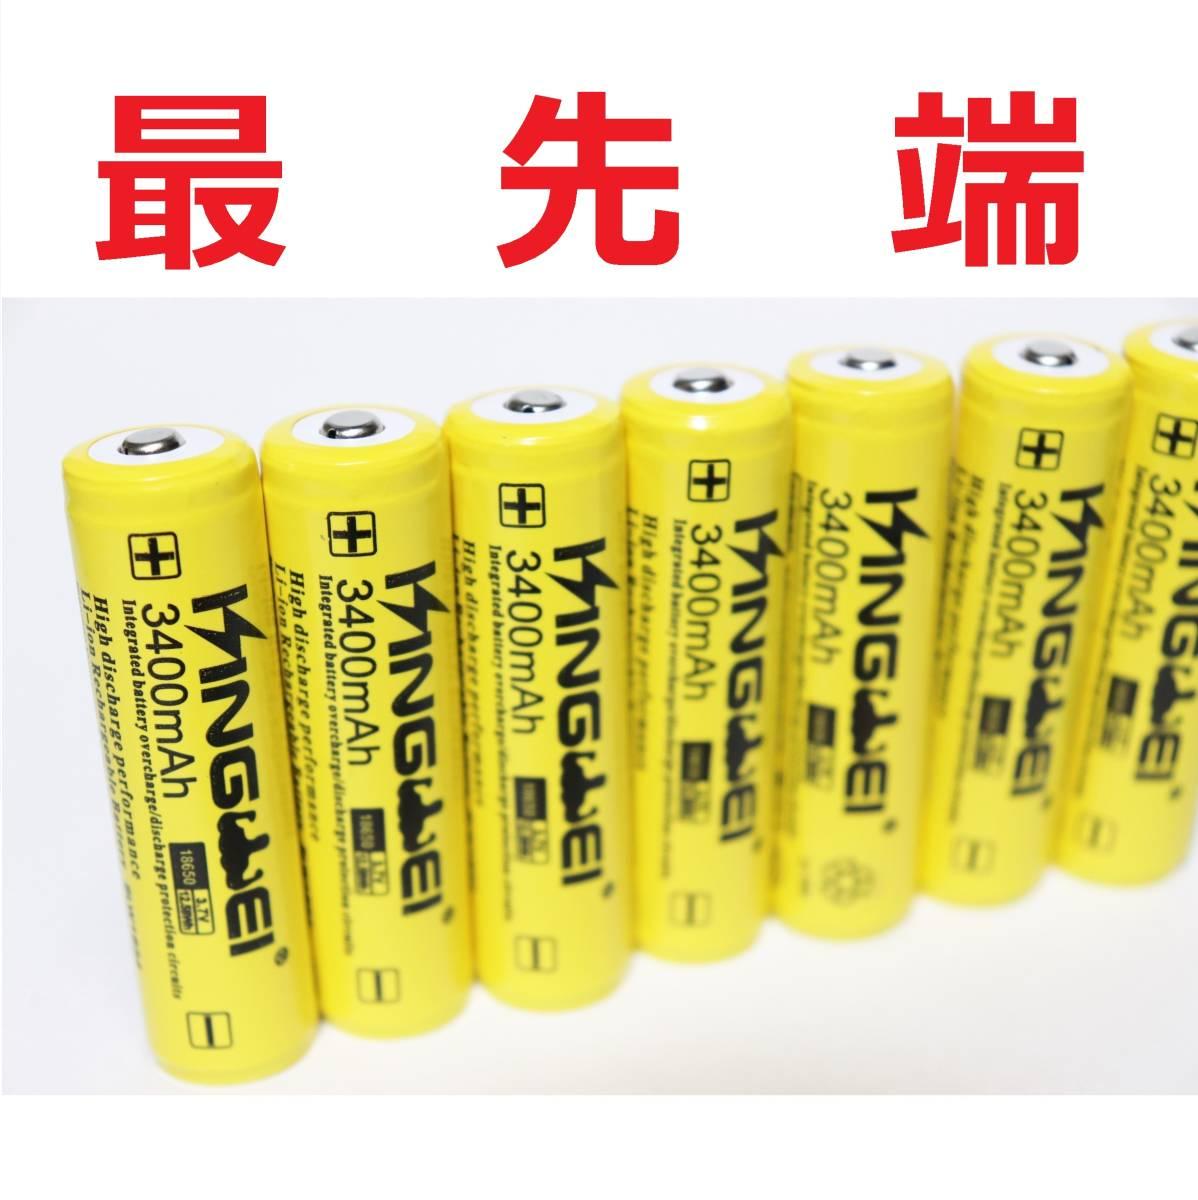 最新版 18650 経済産業省適合品 大容量 リチウムイオン 充電池 バッテリー 懐中電灯 ヘッドライト 04_画像1